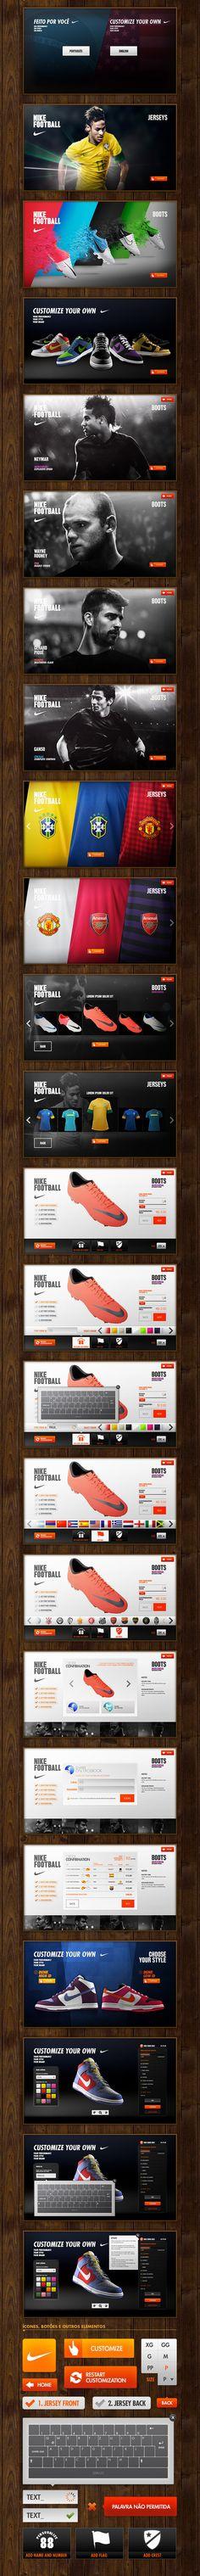 Nike Touch by Fabricio Alves, via Behance